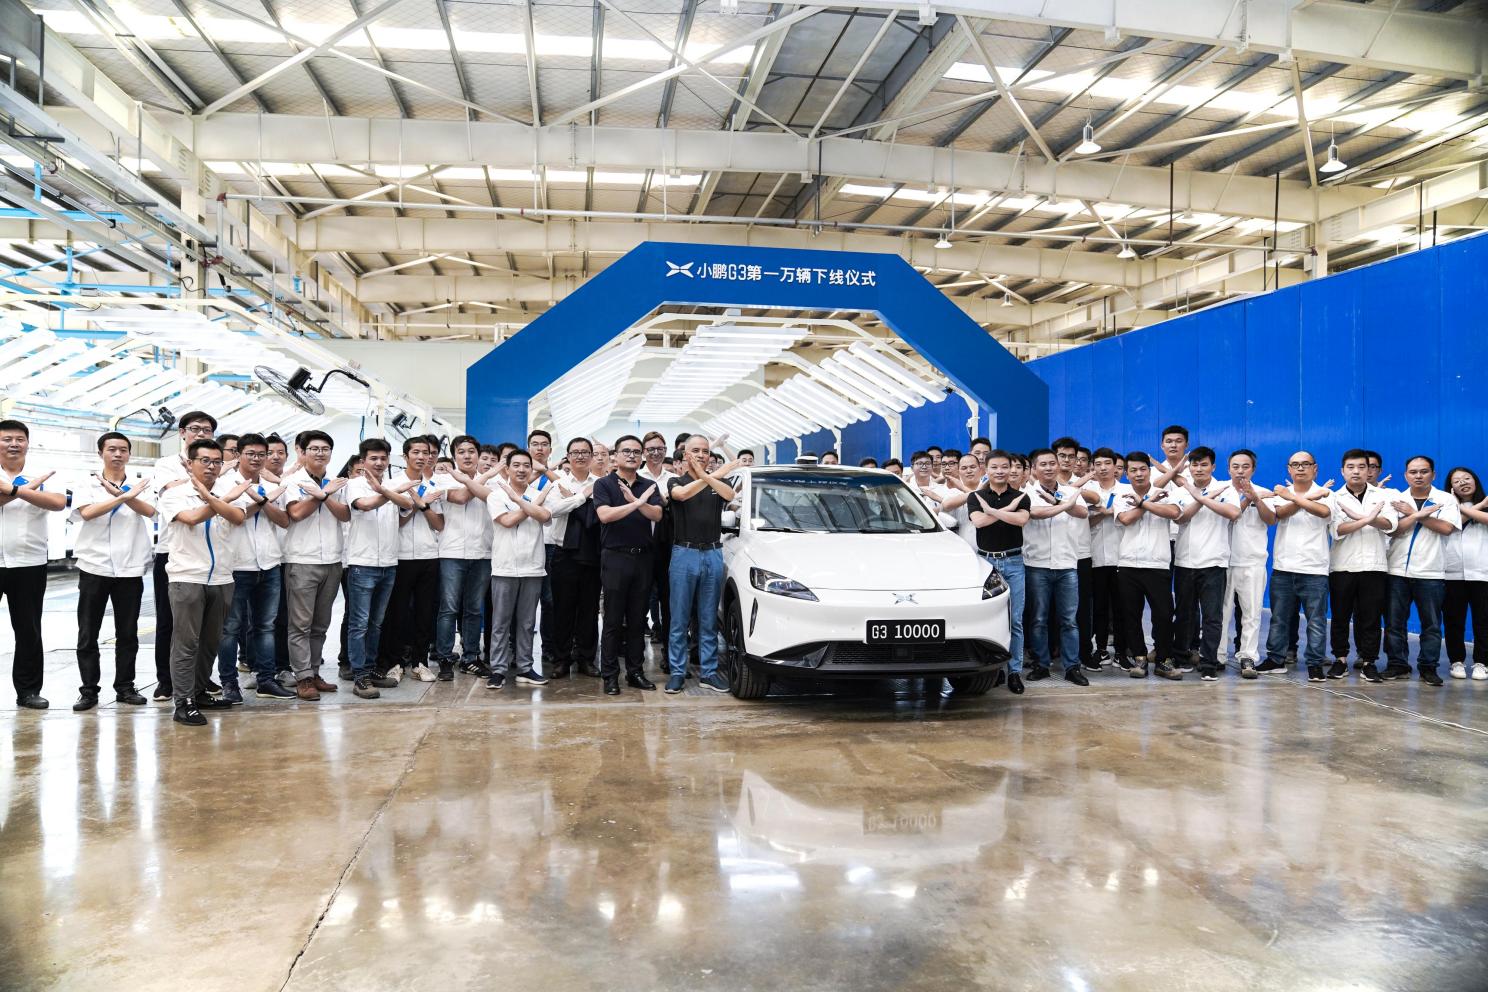 第10000輛小鵬G3在鄭州小鵬智能工廠下線